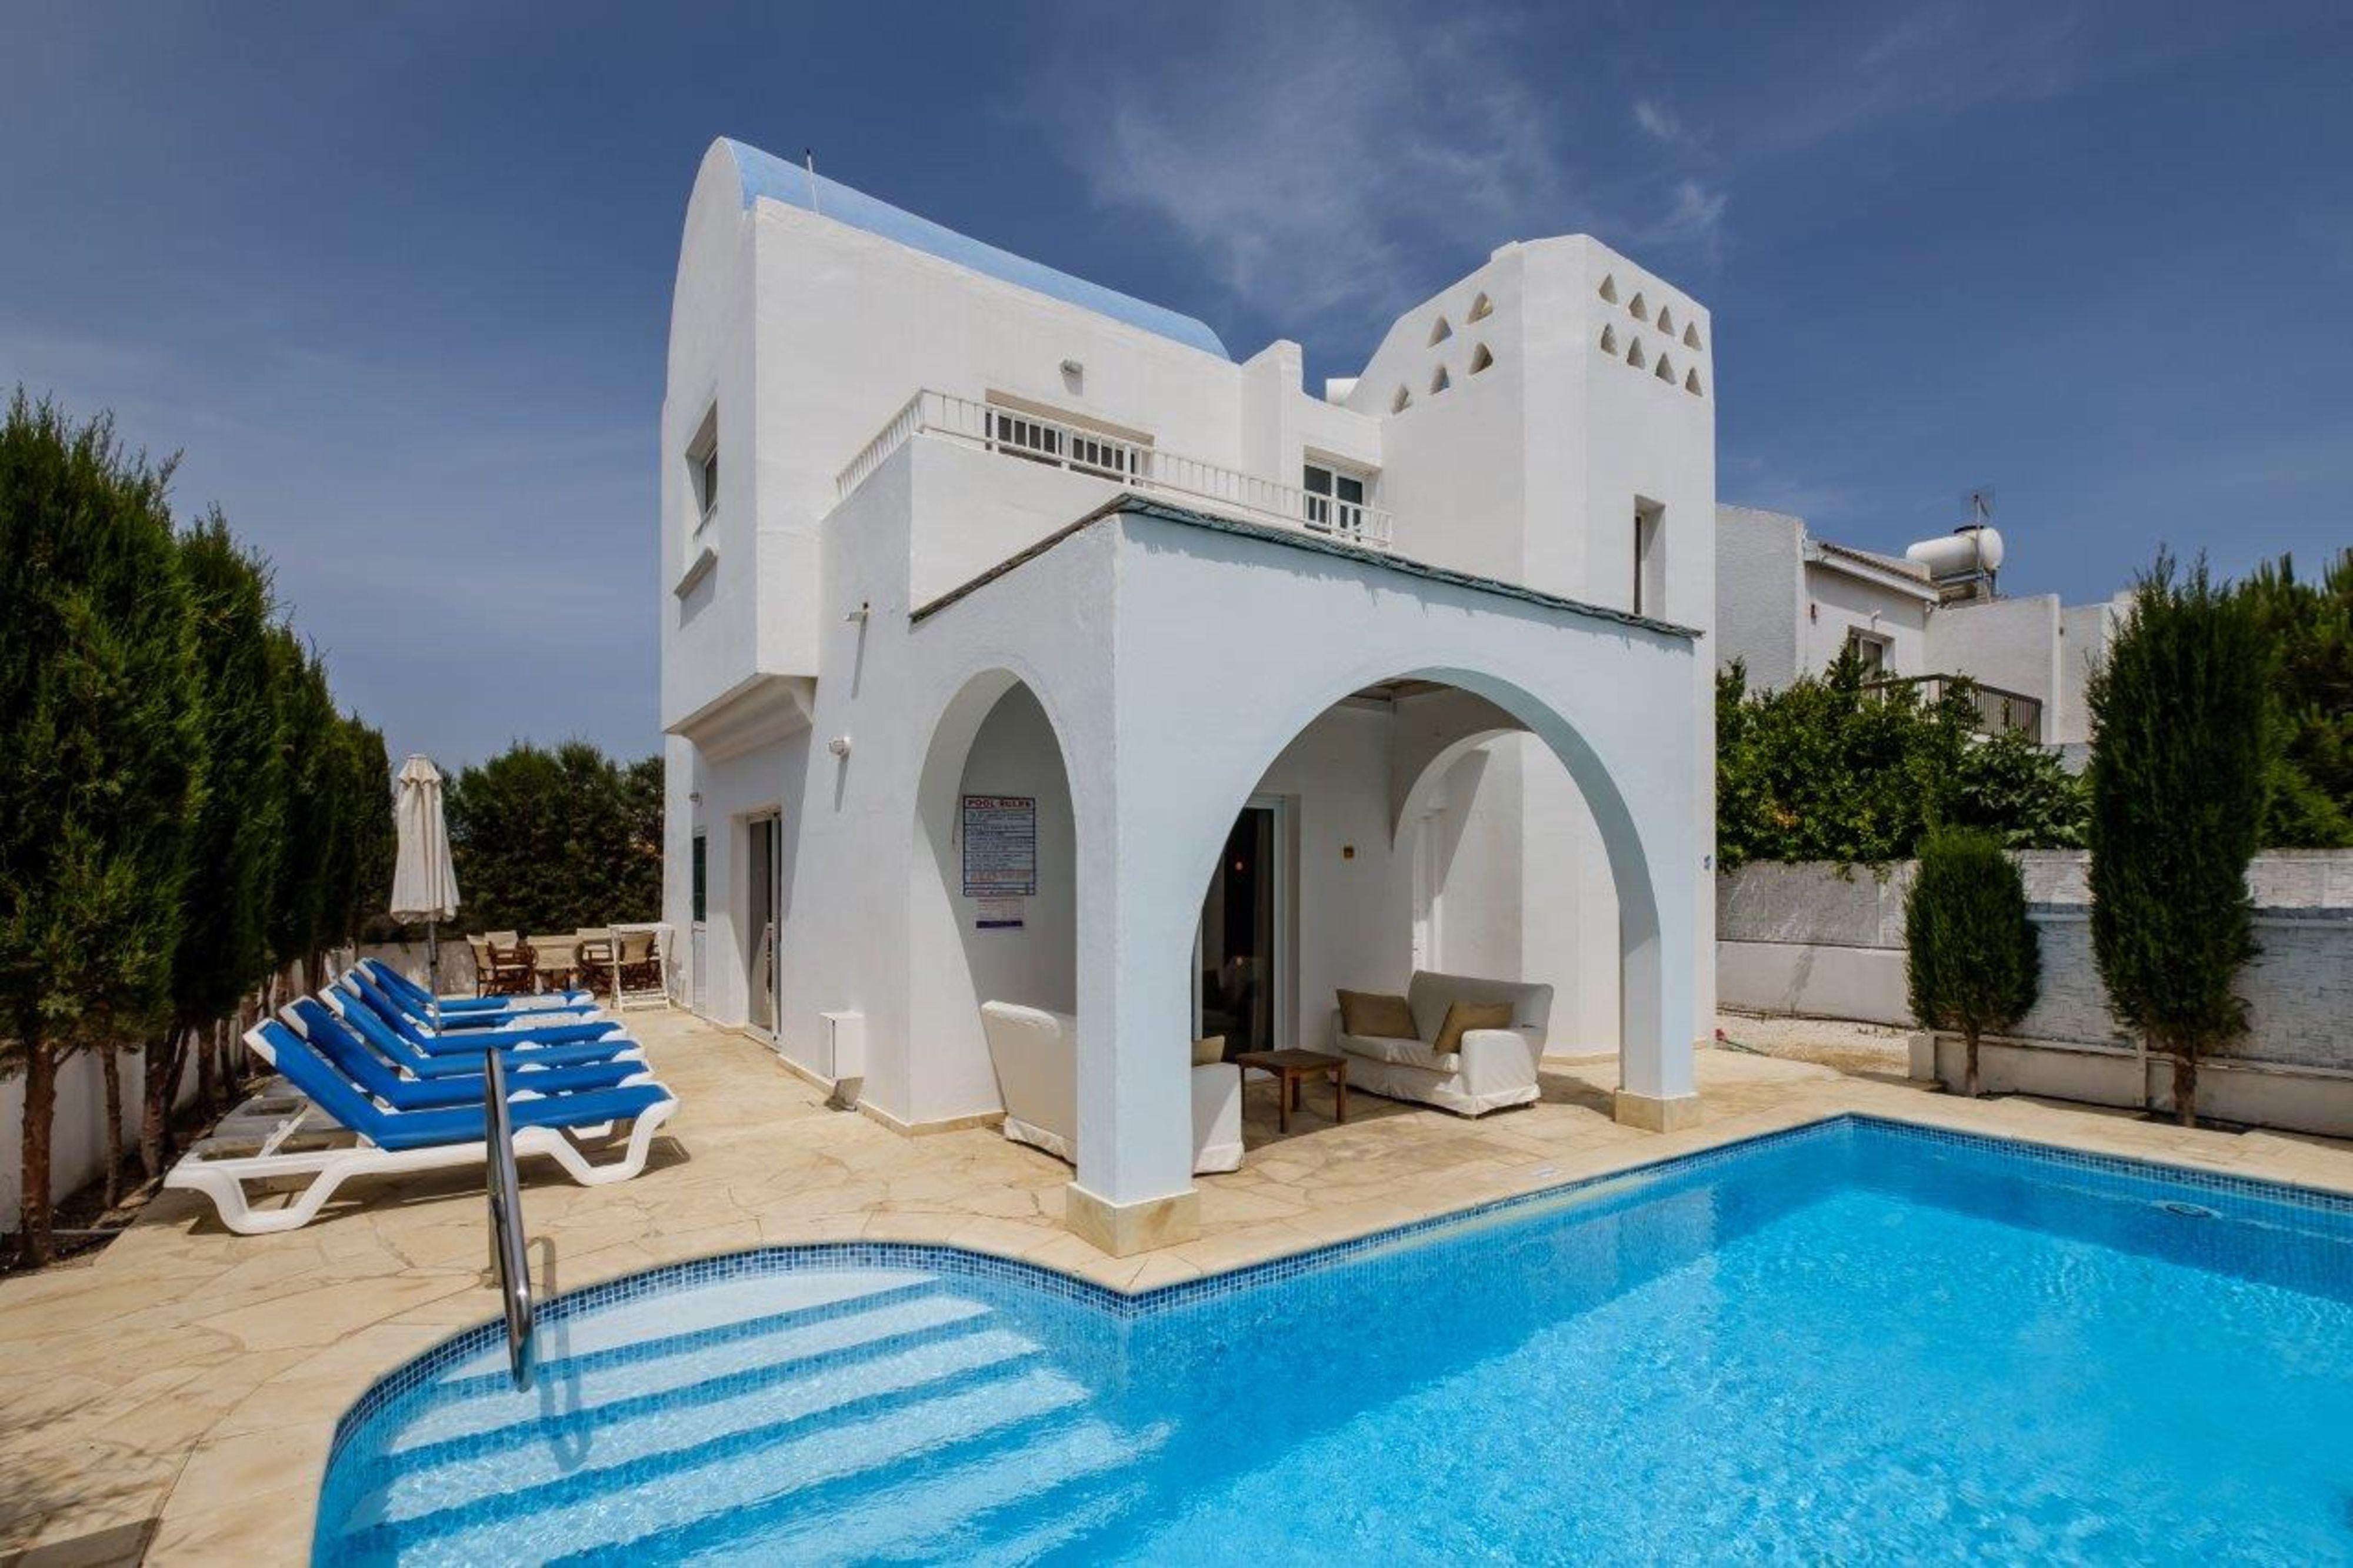 Villa Cyprus Eliza was here